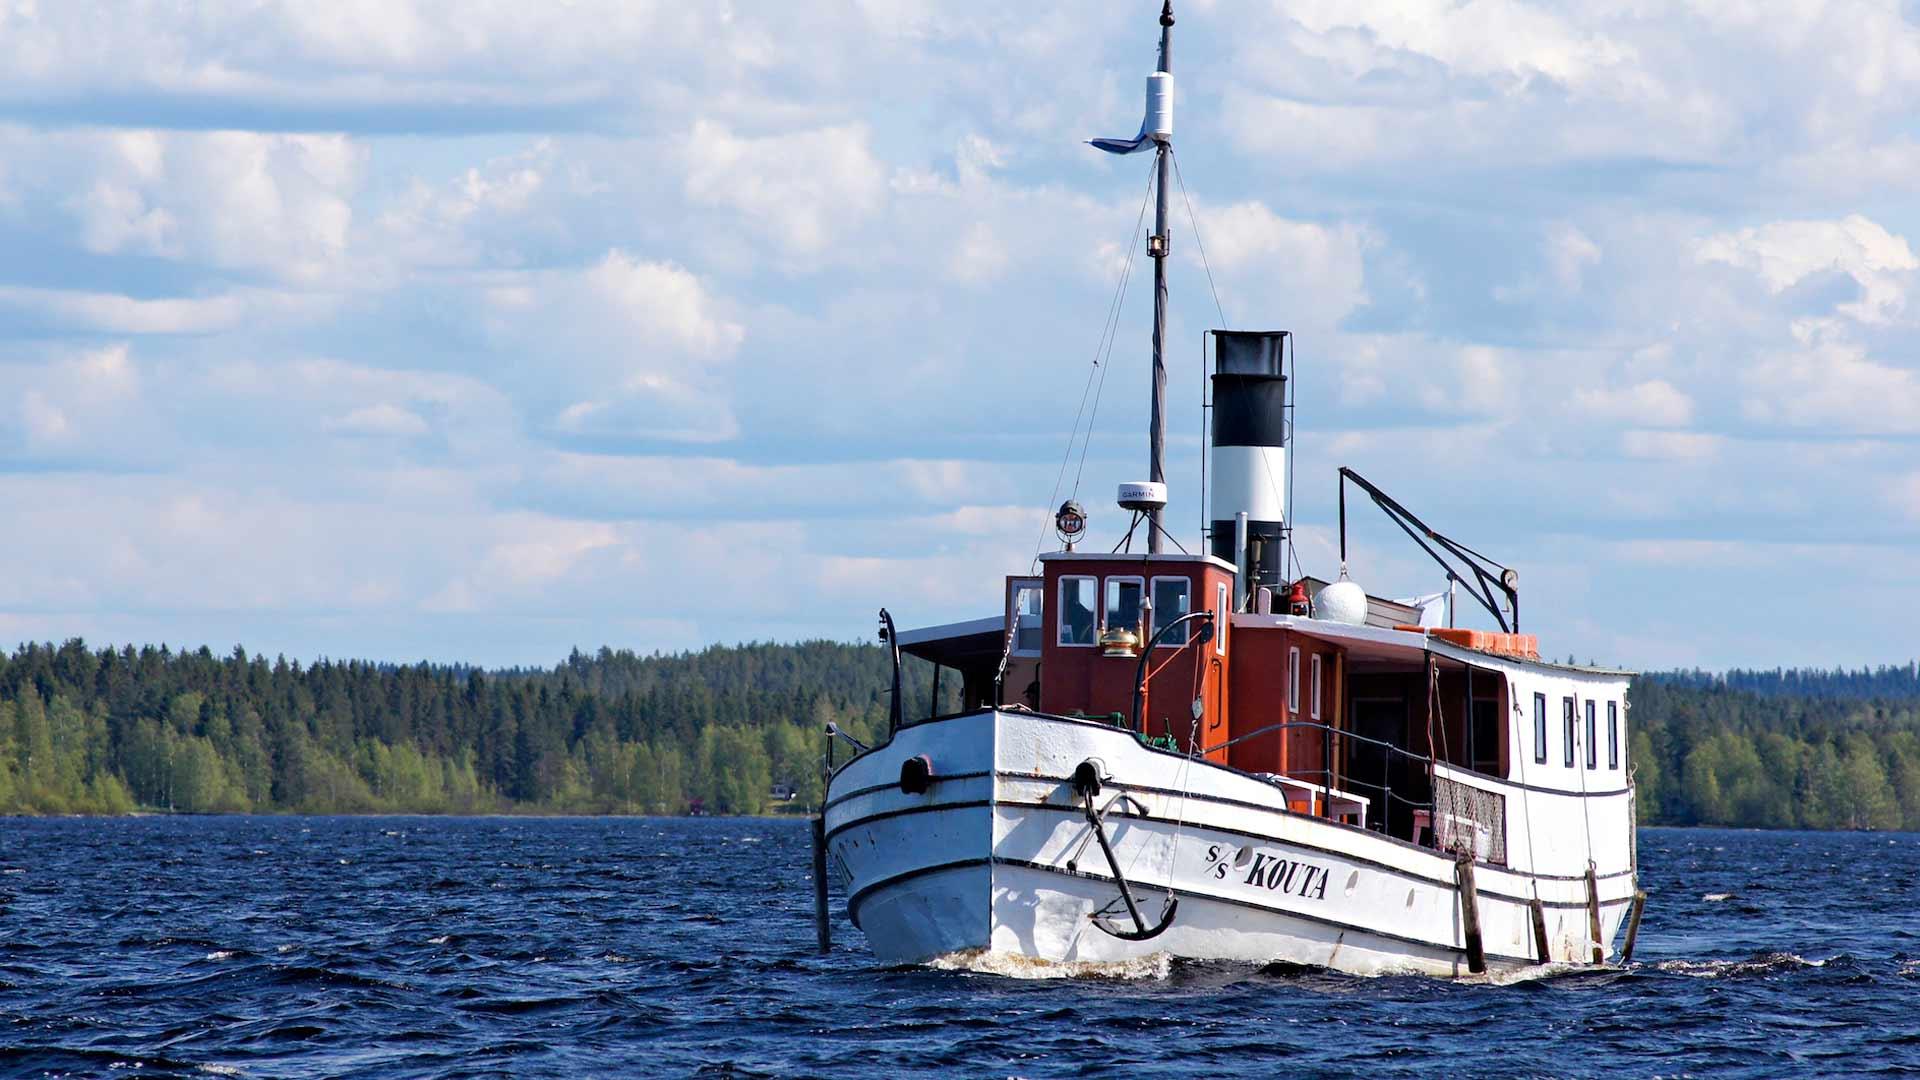 Oulujärven maisemissa on tulevana kesänä mahdollisuus tutustua Eino Leinon elämänvaiheisiin Elämäni virvatuli -risteilyllä.